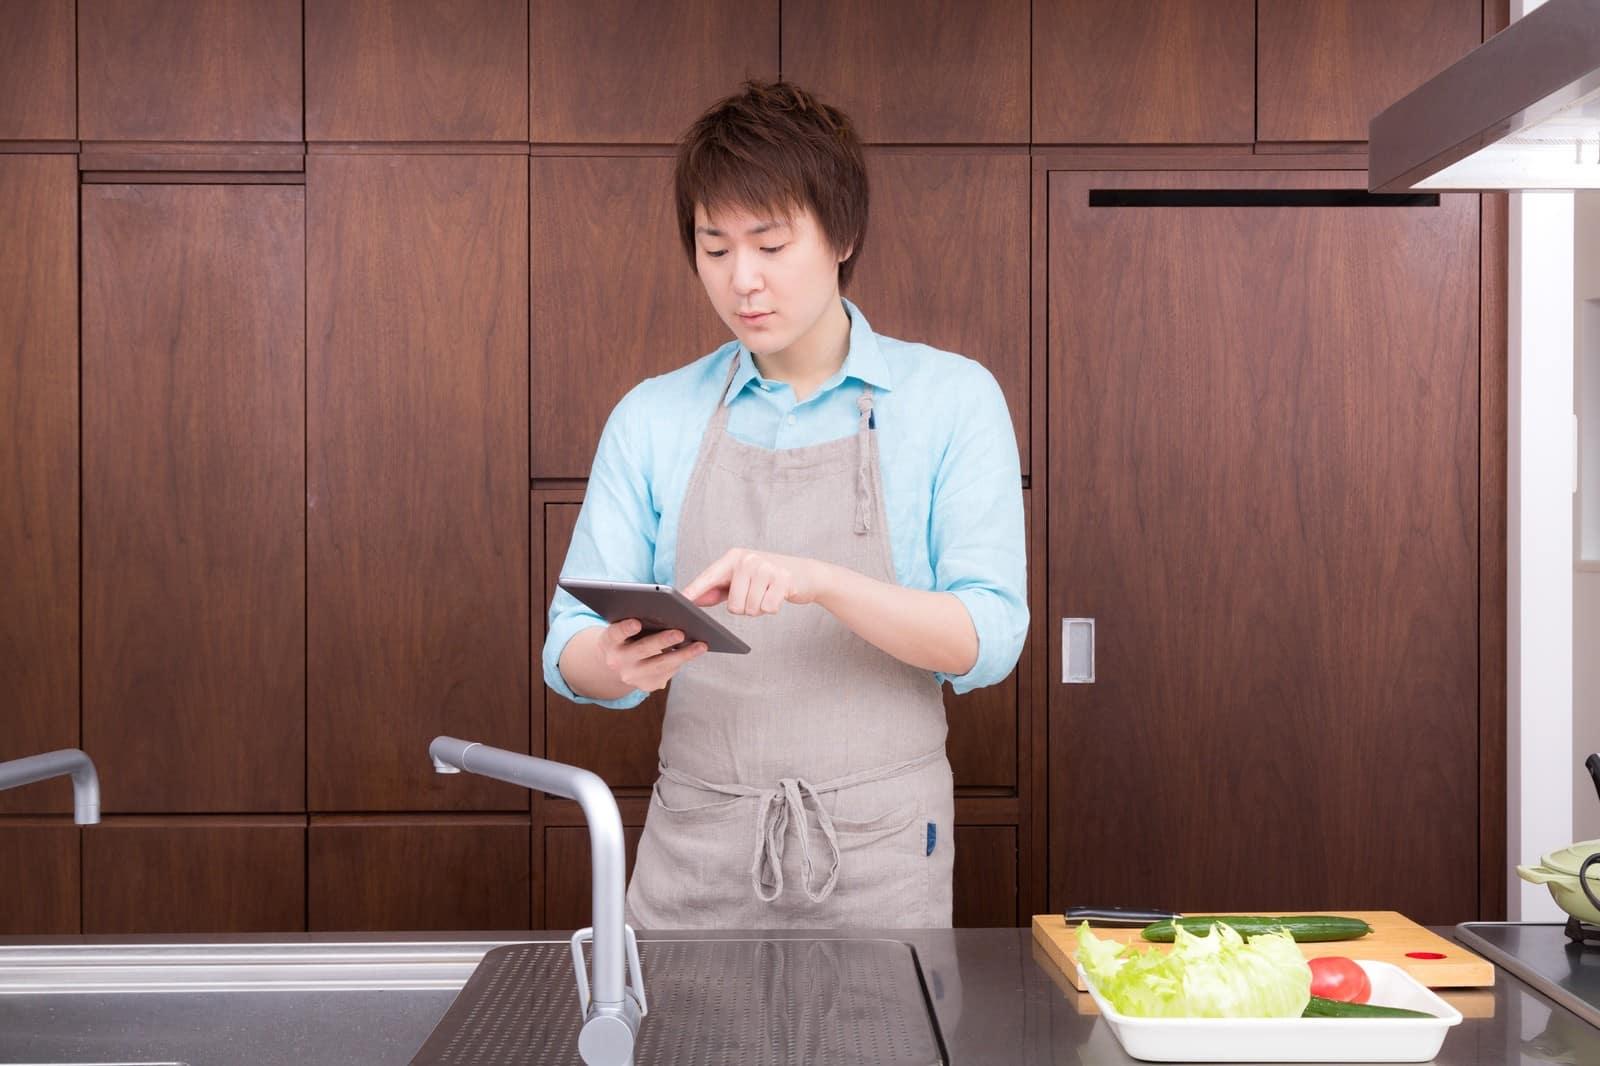 週一で旦那に料理をさせる「旦那レストラン」で家庭円満になるワケ